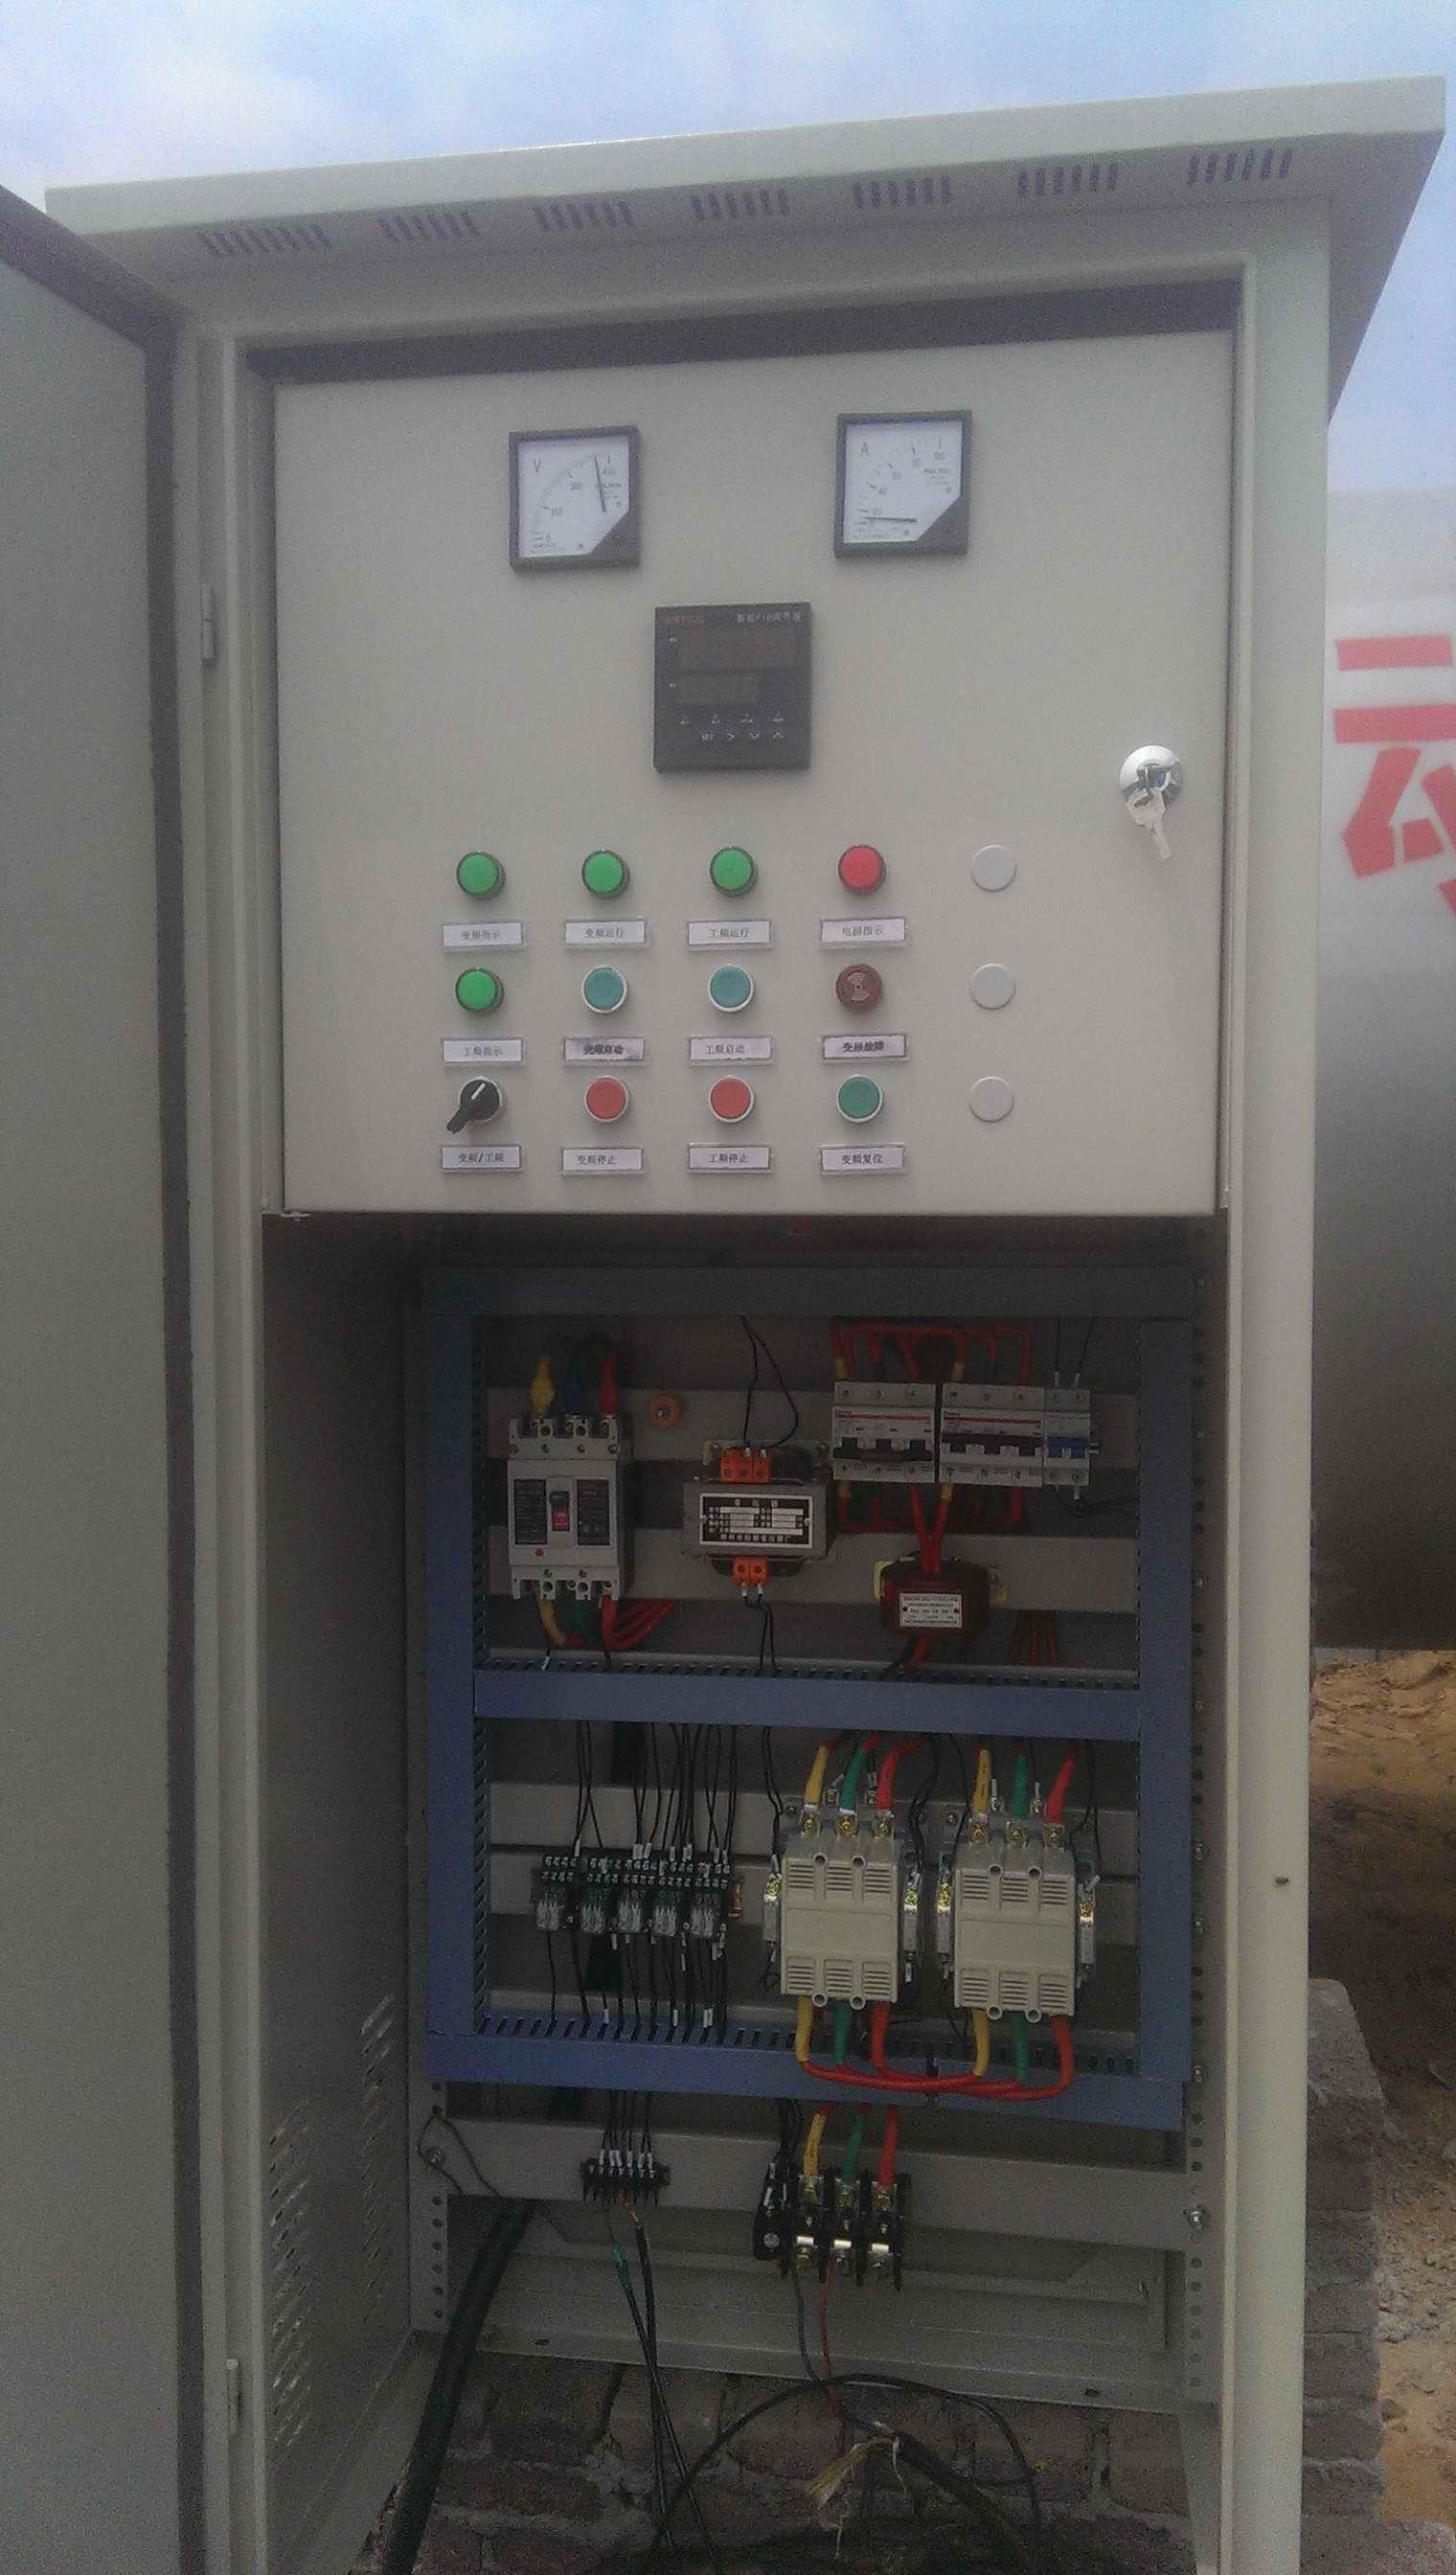 工业电气自动化项目的设计、安装、调试;工厂自动化生产线的维护、保养;交、直流传动电气控制系统;变频节能改造、恒压供水、恒压供风;计算机监控等。 全自动无塔变频恒压供水系统  本系统为是广泛应用于各种企事业单位、工厂、居住生活小区等环境,采用变频恒压控制,使用压力传感器或者远传压力表对水罐温进行压力检测,可在压力控制器上随时设定使用压力,当设定压力高于检测压力,输出信号加大,潜水水泵加速运行,若设定压力低于检测压力时减小信号,潜水水泵降低速度,形成整个闭环控制,自动控制压力恒定。在控制器上可随时监控设定压力